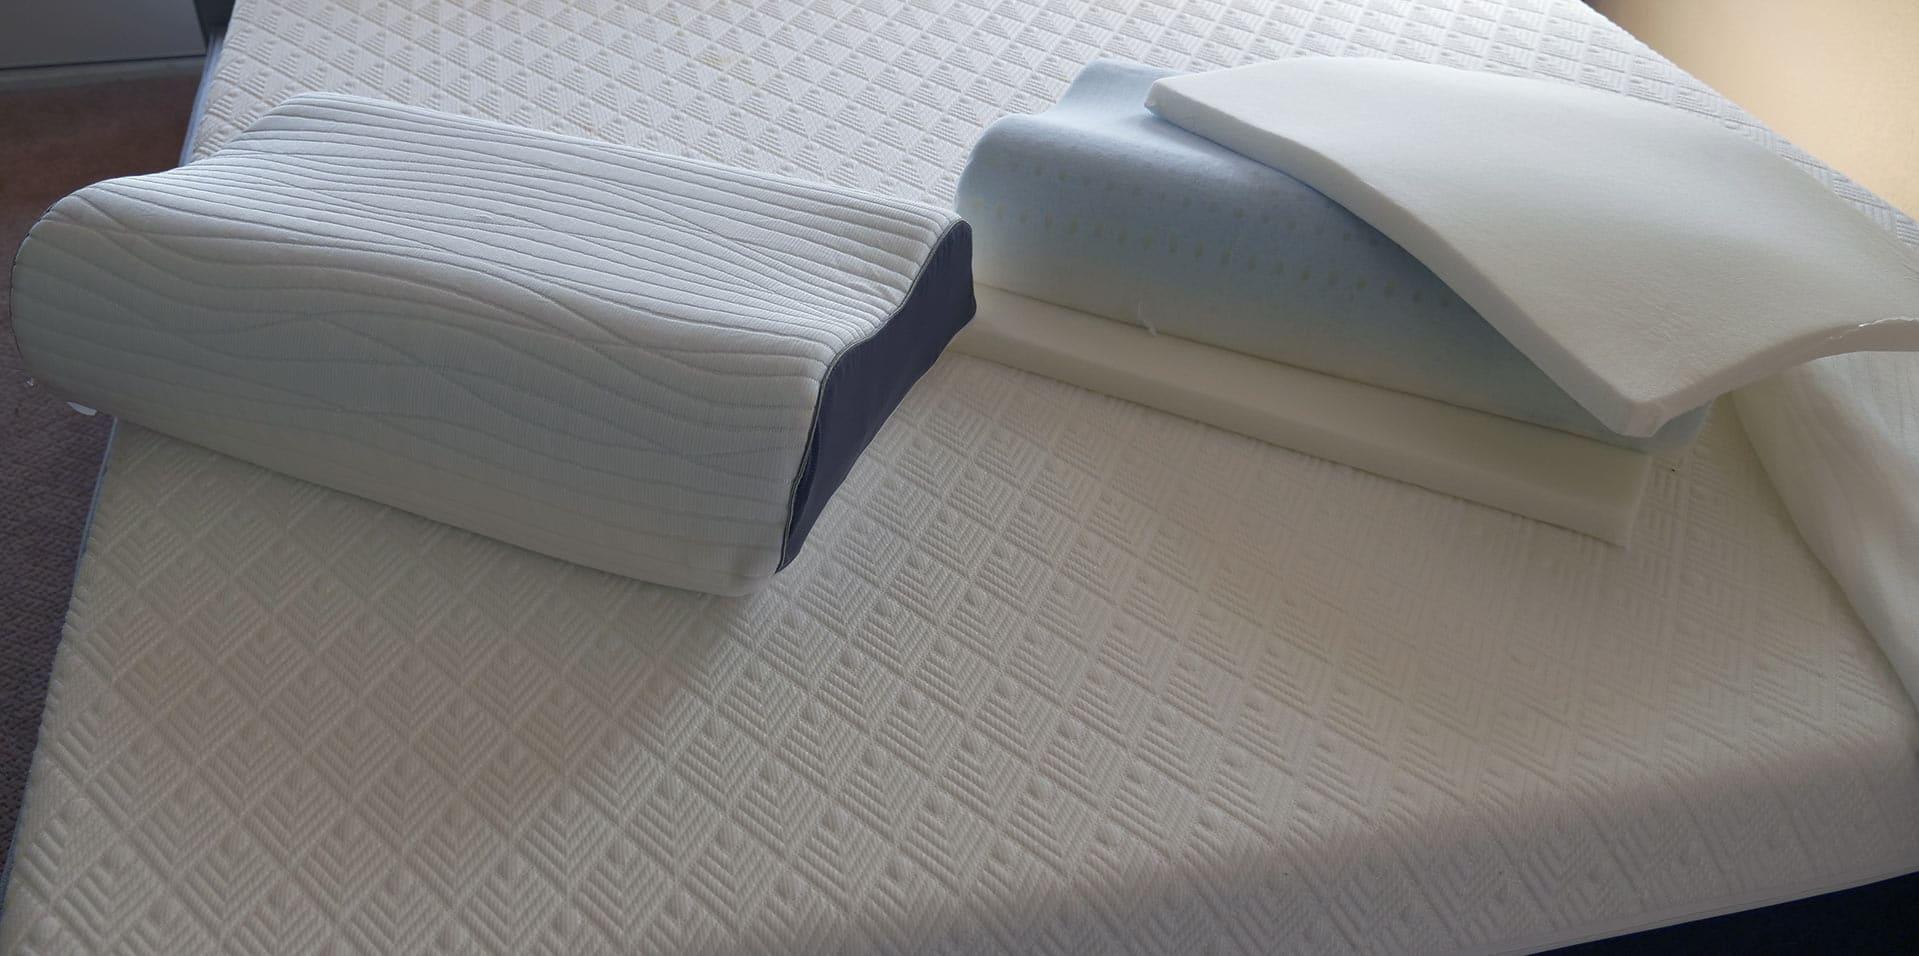 Dreamcloud Contour Pillow